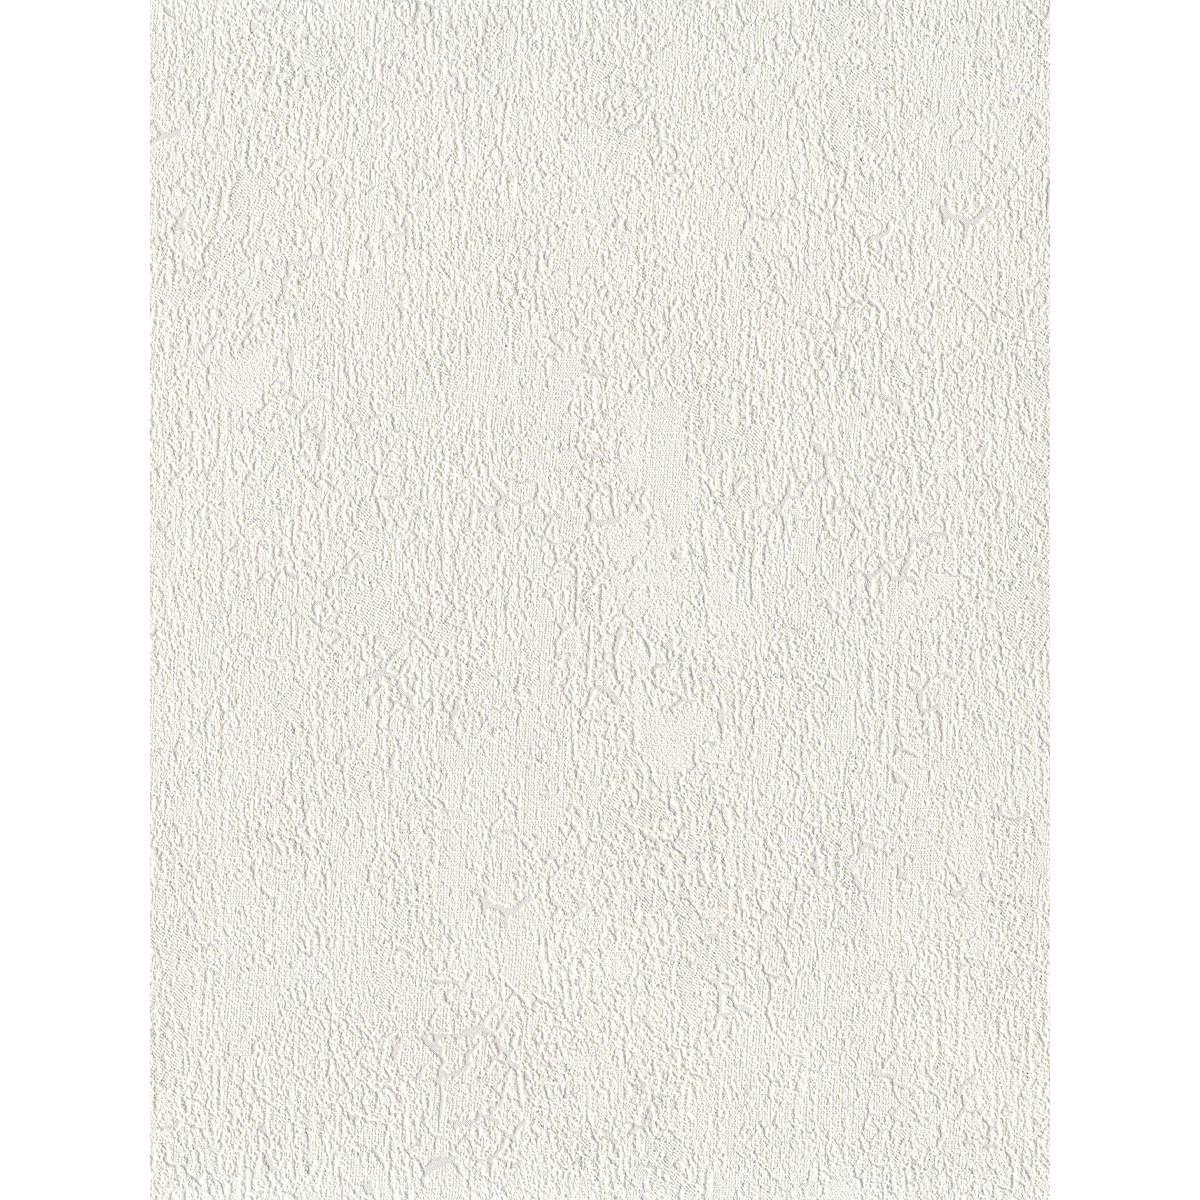 Обои флизелиновые Euro Decor Jasmine белые 7054-00 1.06 м